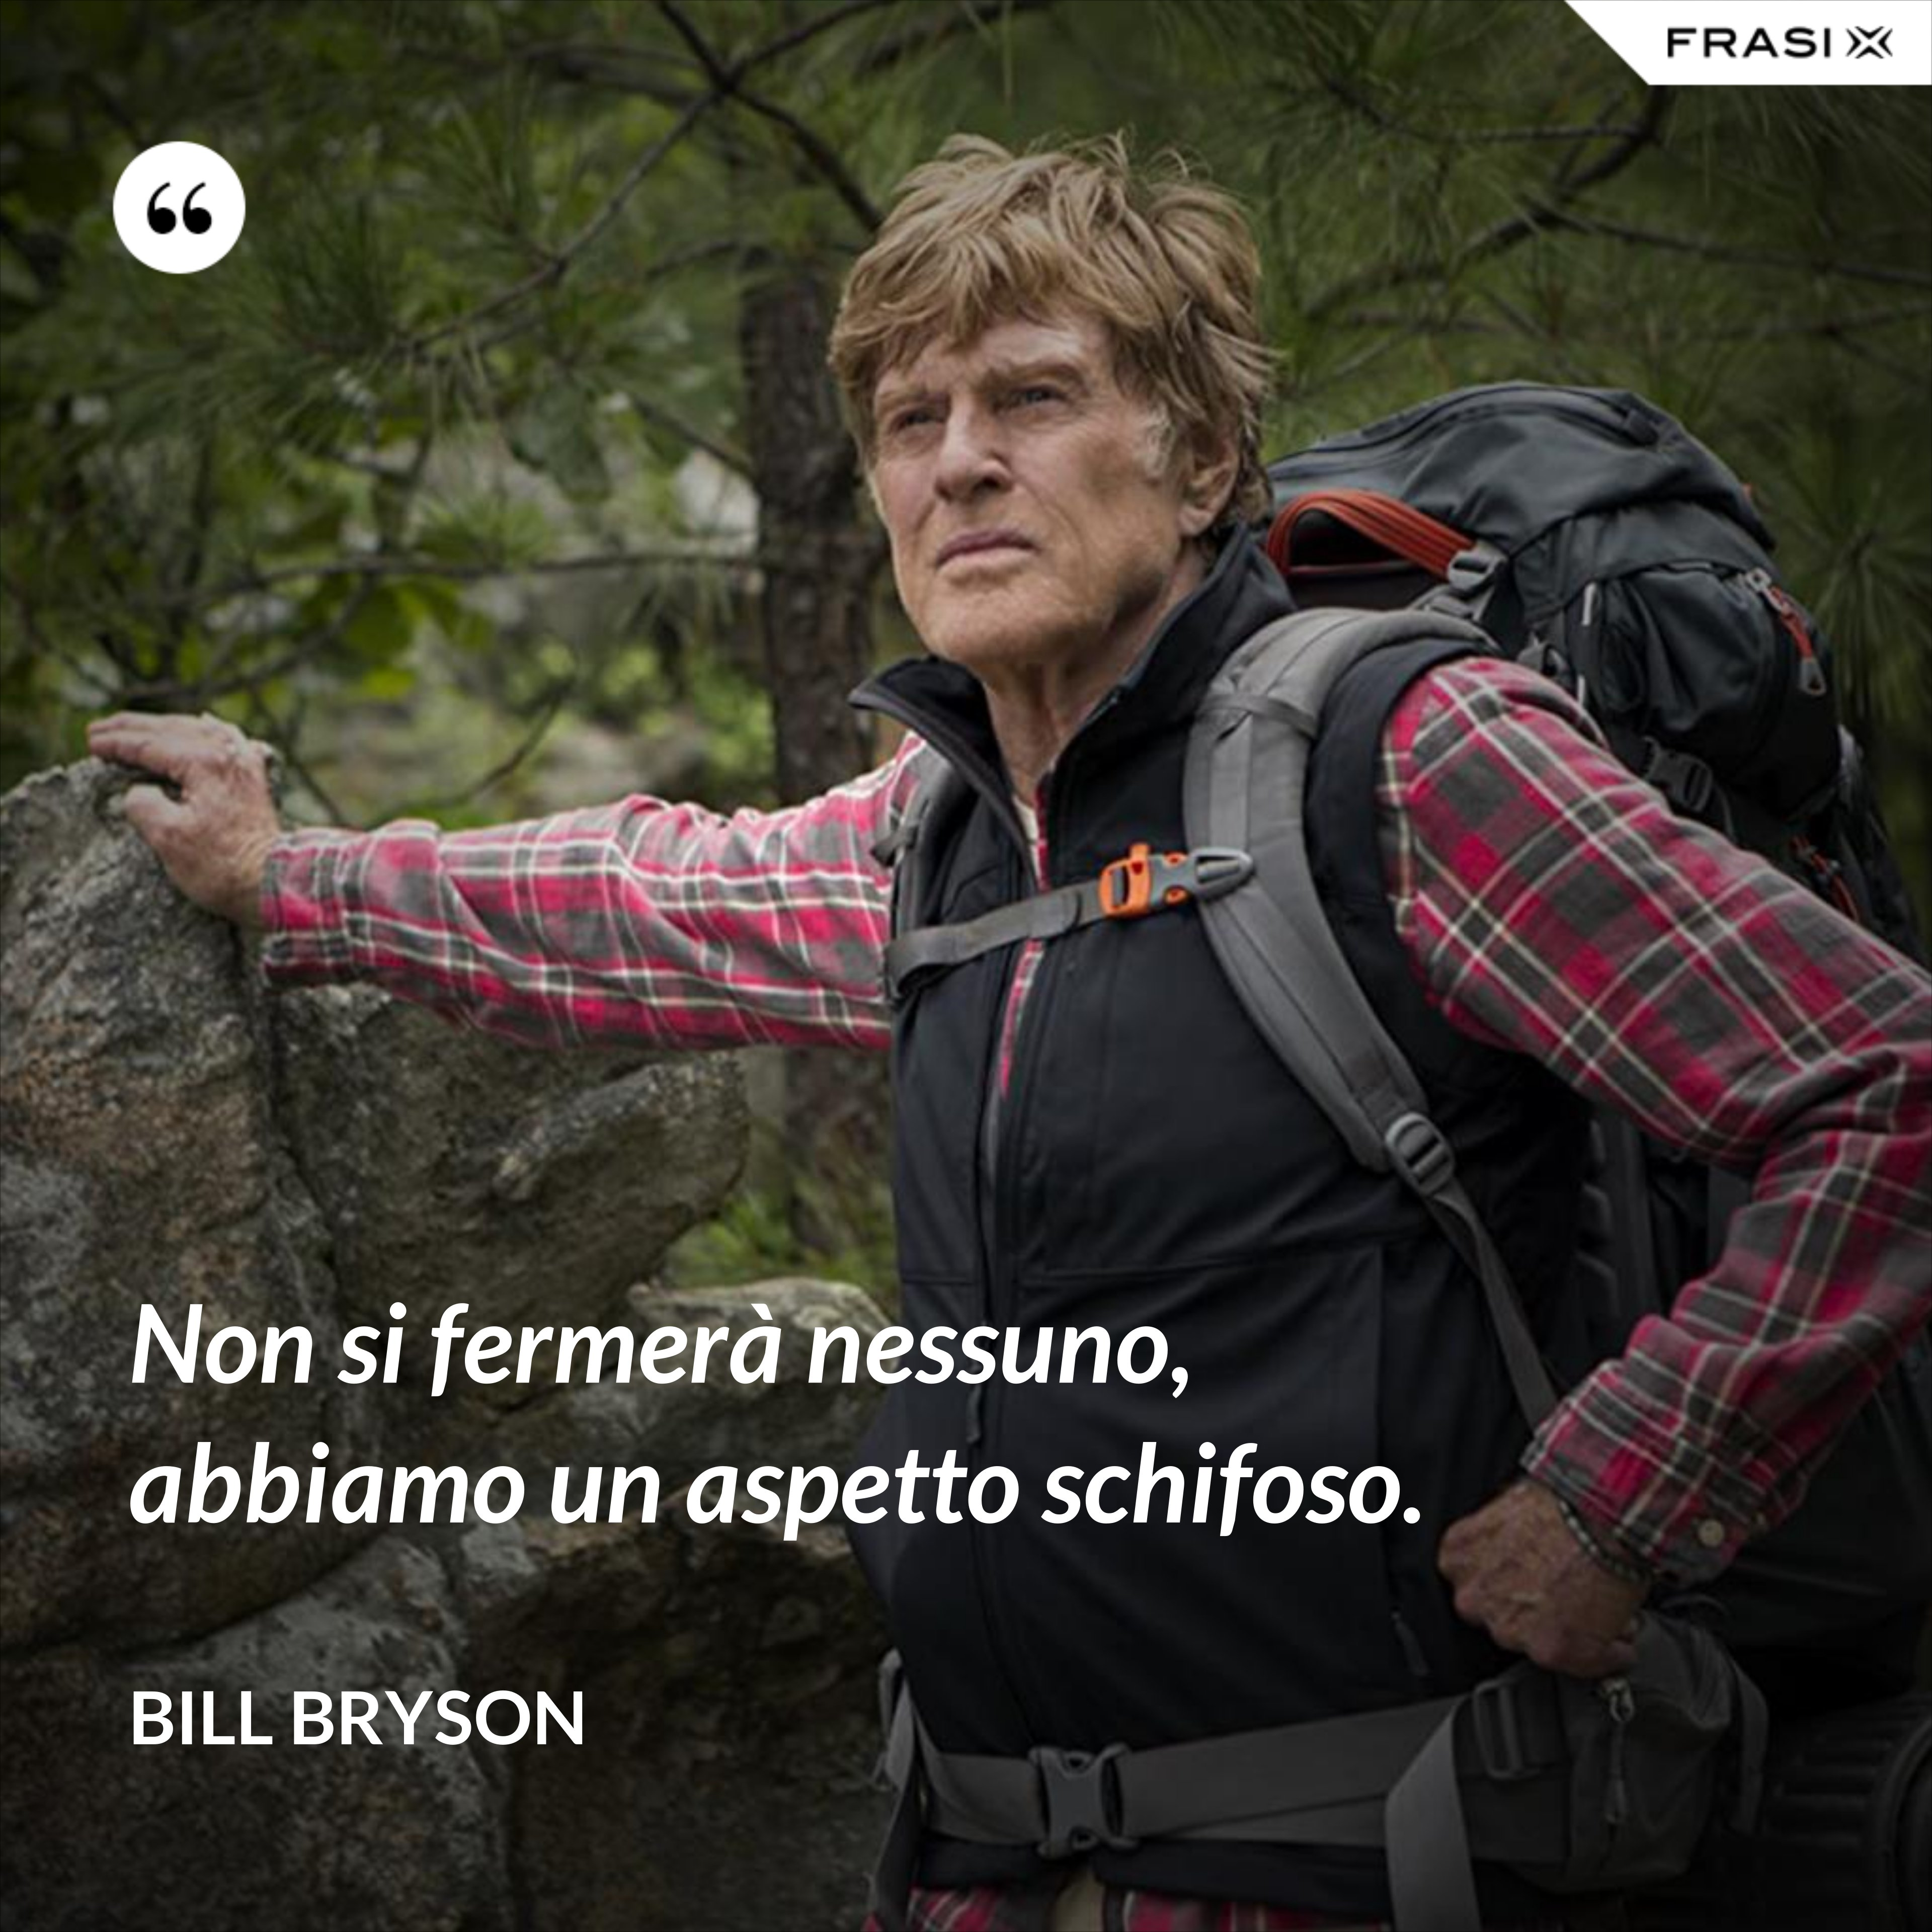 Non si fermerà nessuno, abbiamo un aspetto schifoso. - Bill Bryson